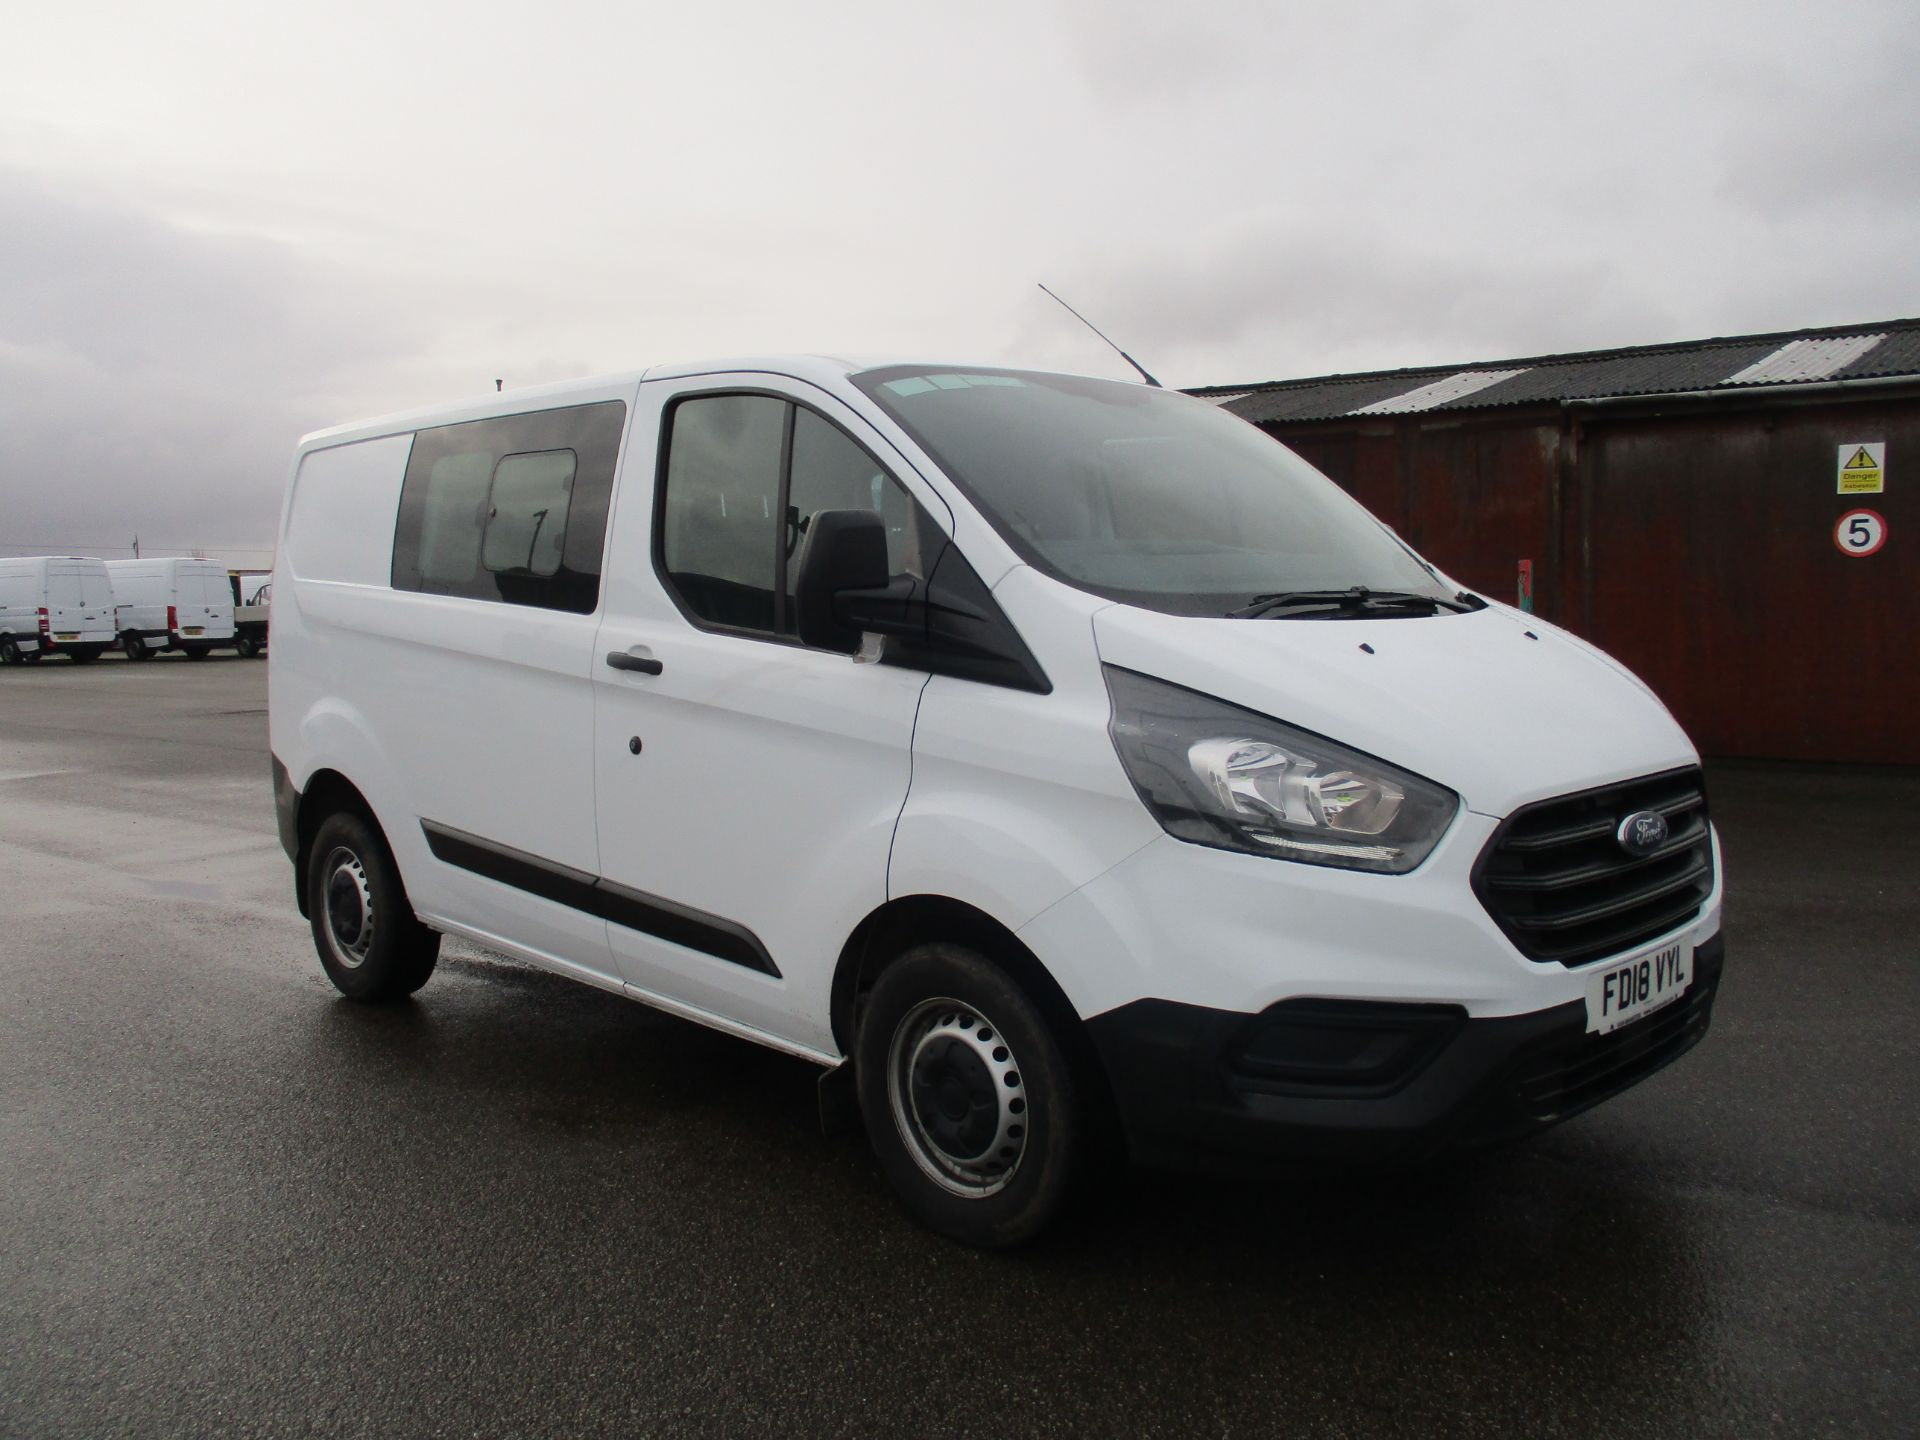 2018 Ford Transit Custom 300 L1 DIESEL FWD 2.0 TDCI 105PS LOW ROOF D/CAB VAN EURO 6 (FD18VYL)